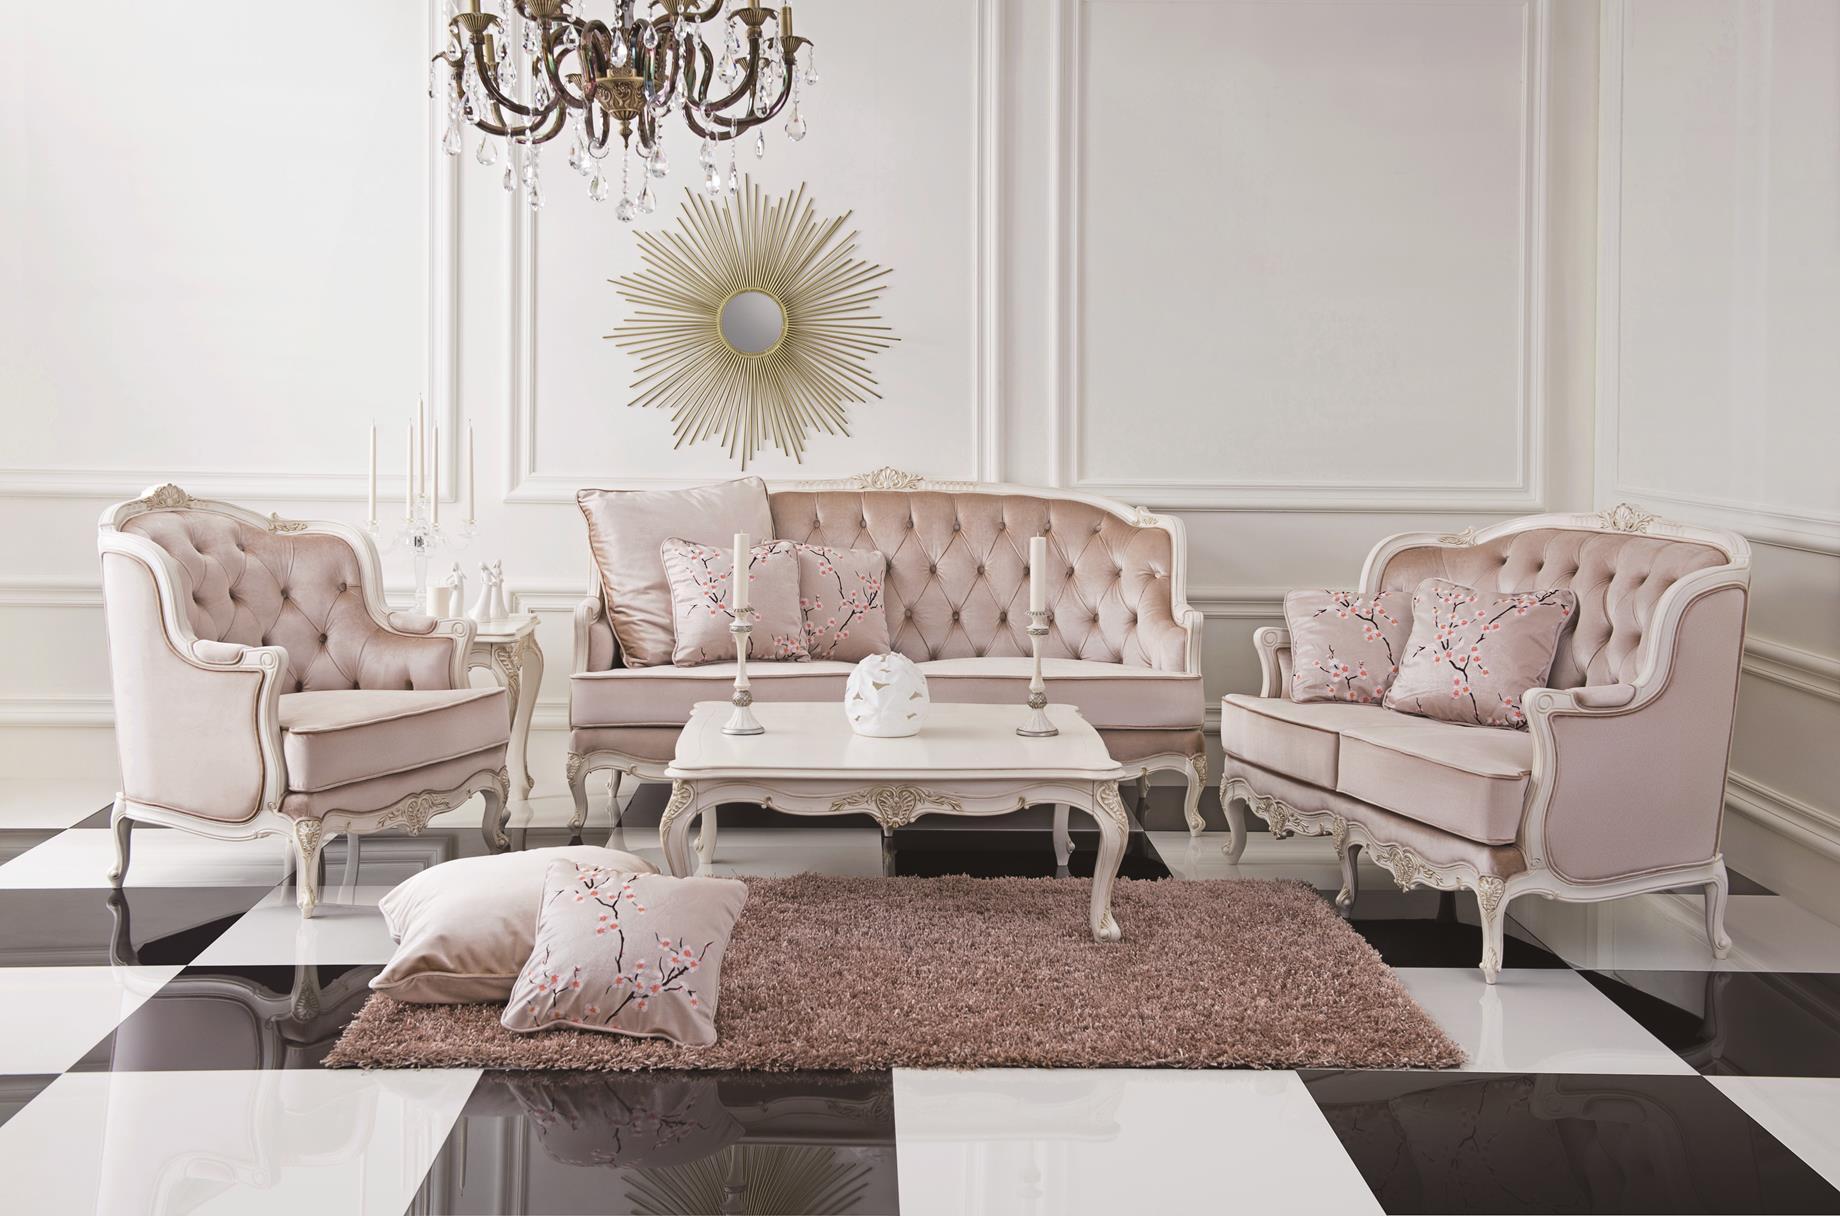 Сбор заказов. Крупная распродажа! Элитная мебель доступной стоимости. Бесконечно уютная, роскошная и исключительно комфортная - 14